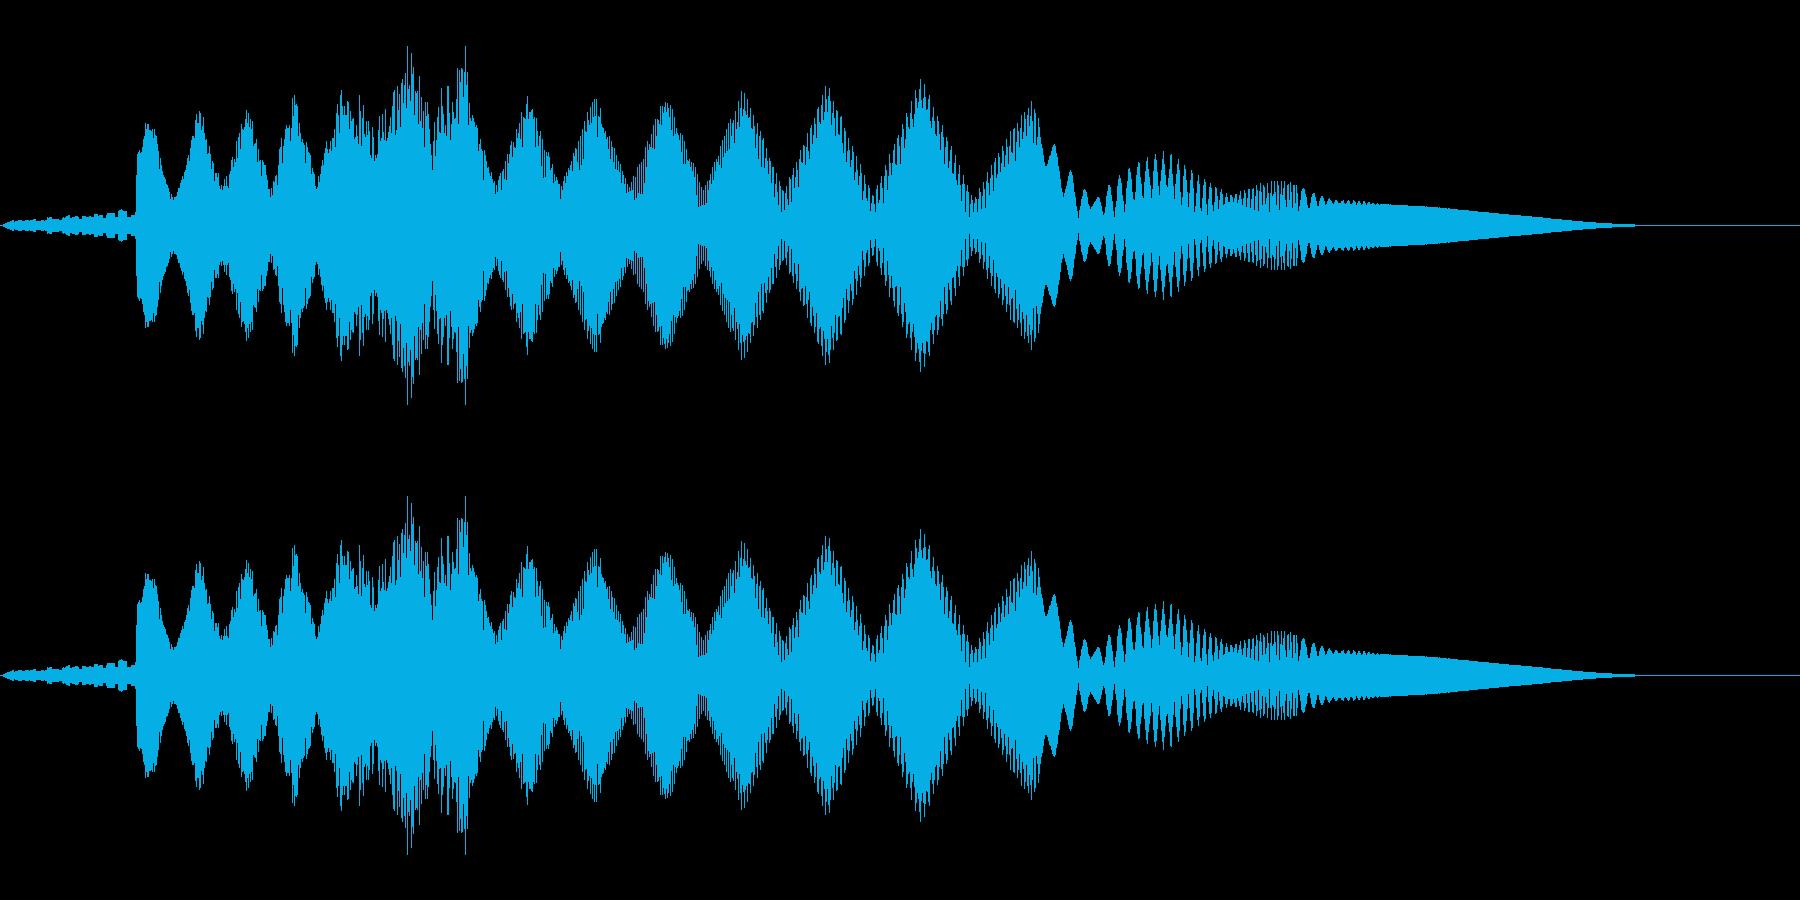 ピョーイ(ノイズ/不思議/ファミコン宇宙の再生済みの波形